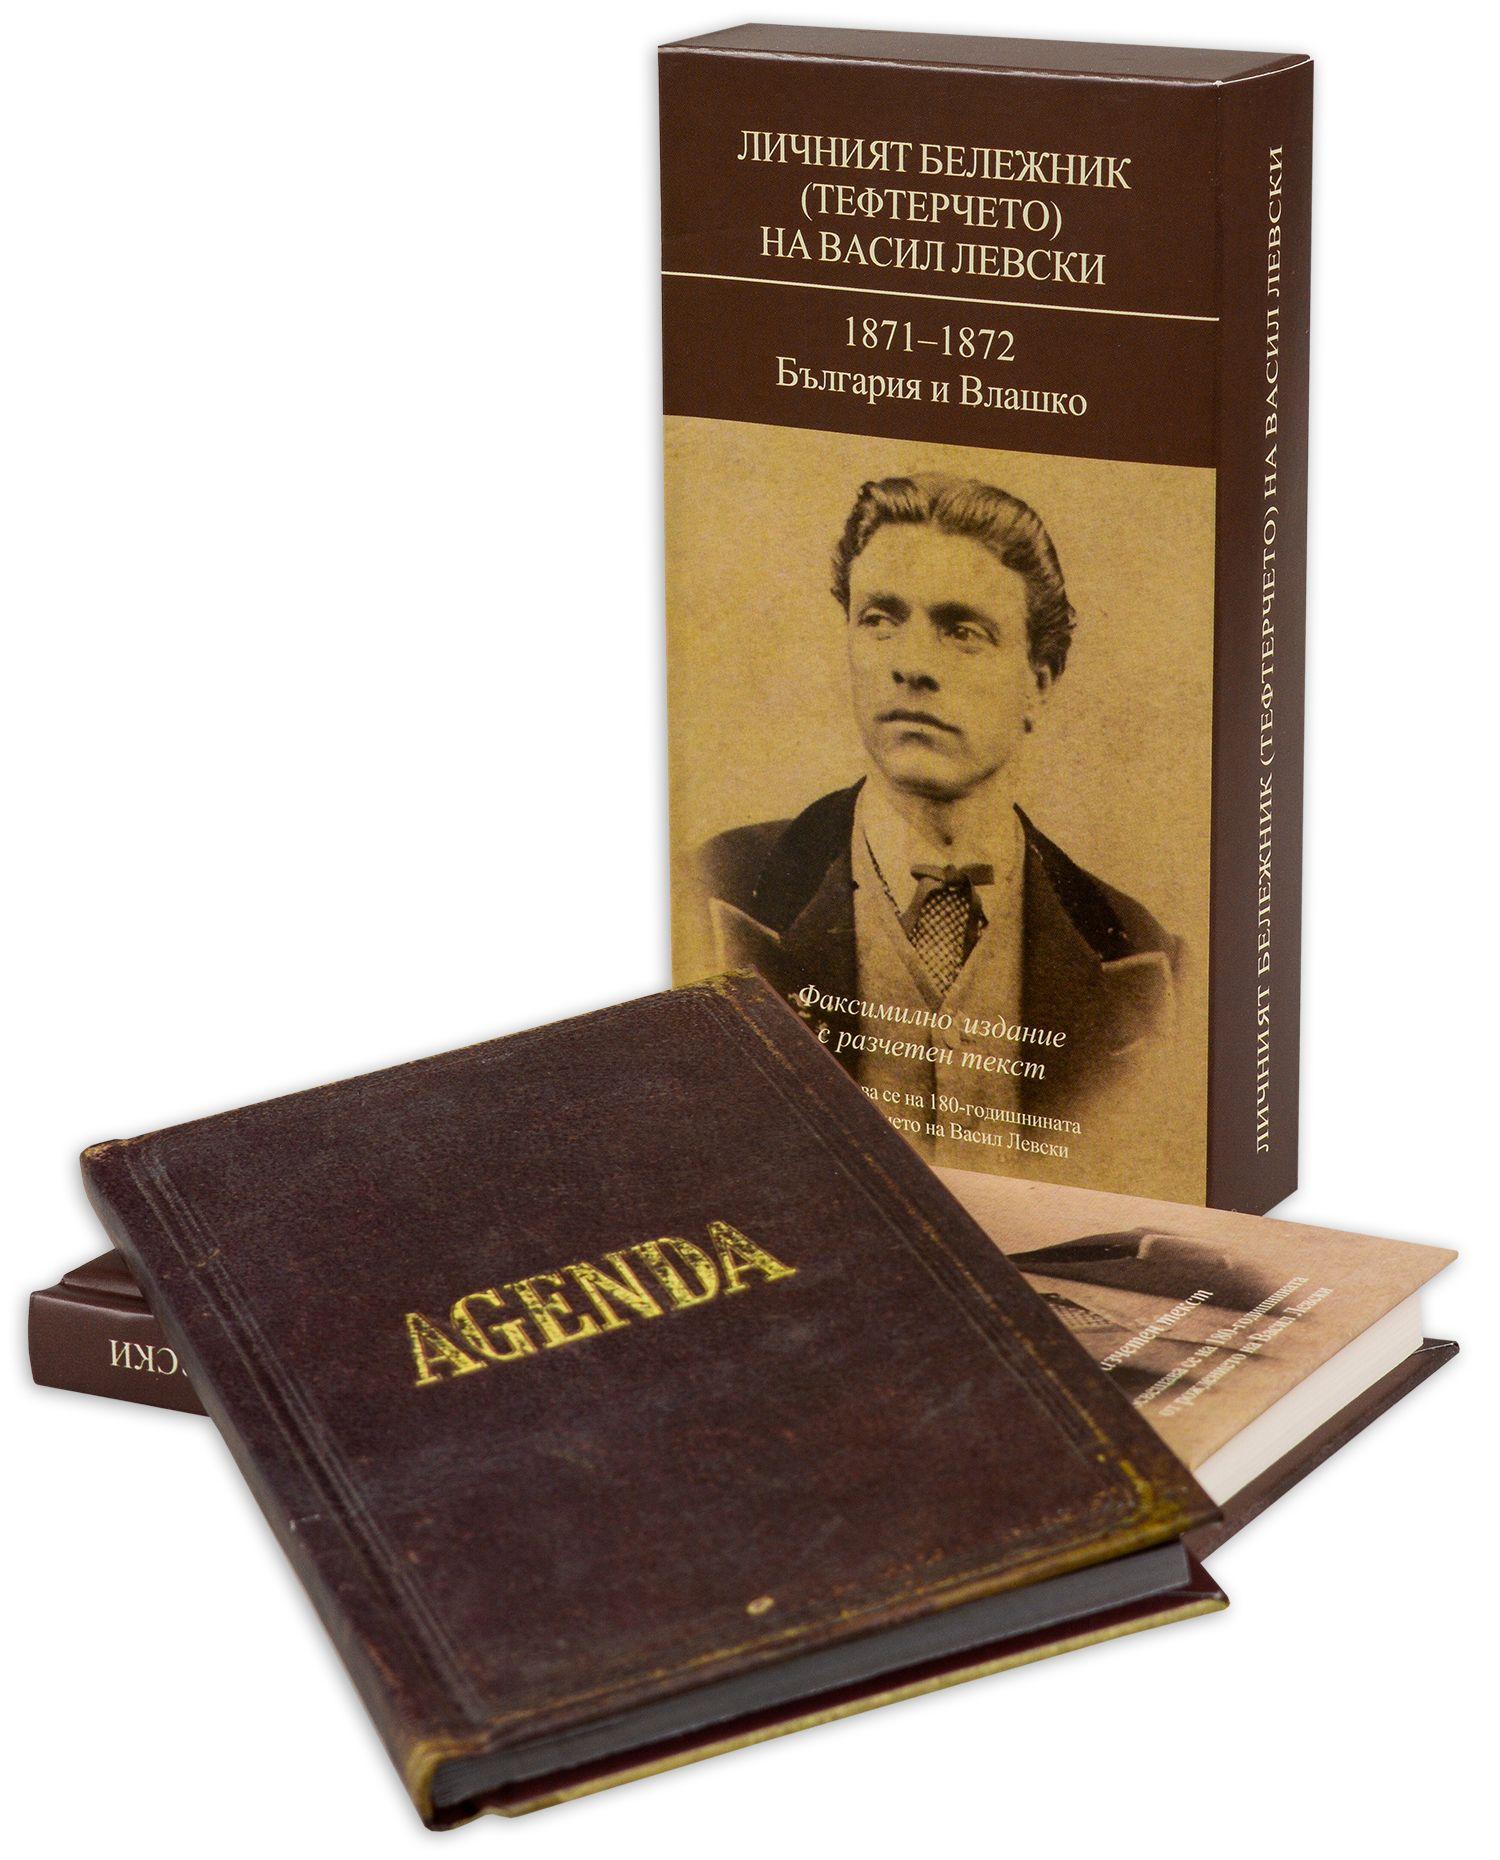 Личният бележник (тефтерчето) на Васил Левски. 1871-1872. България и Влашко - 4